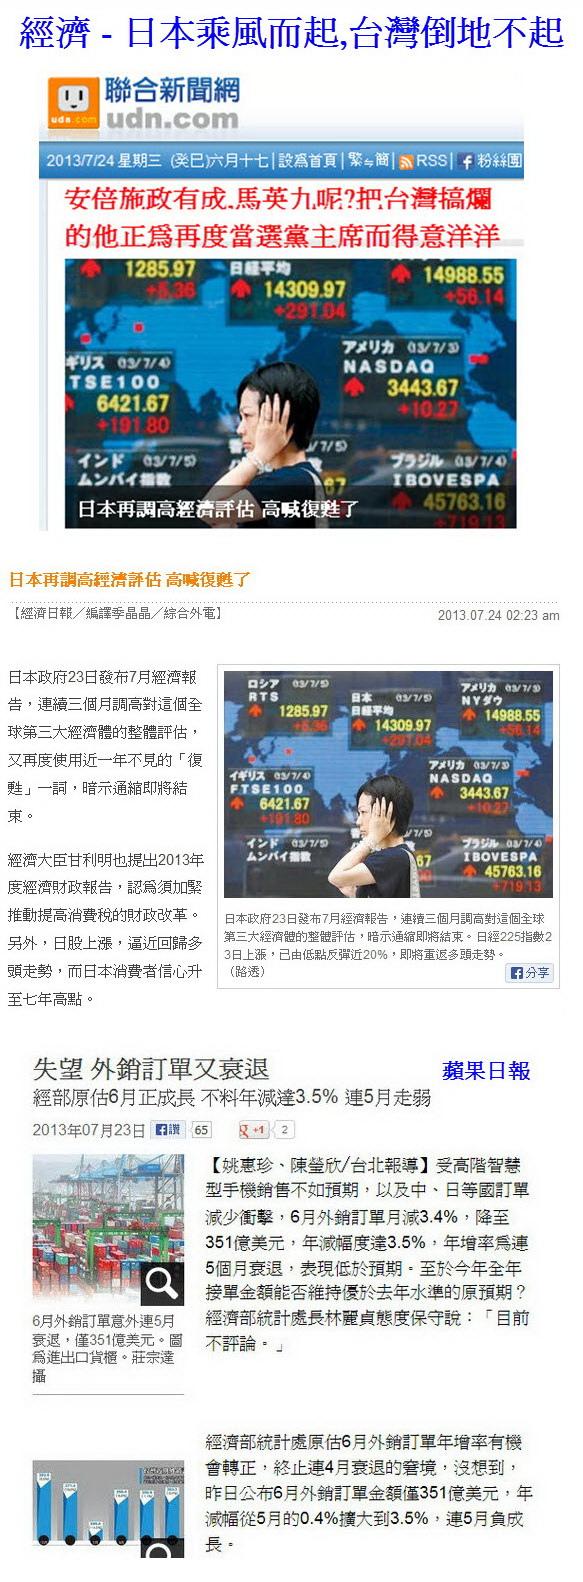 日本乘風而起  台灣倒地不起-2013.07.24-01.jpg